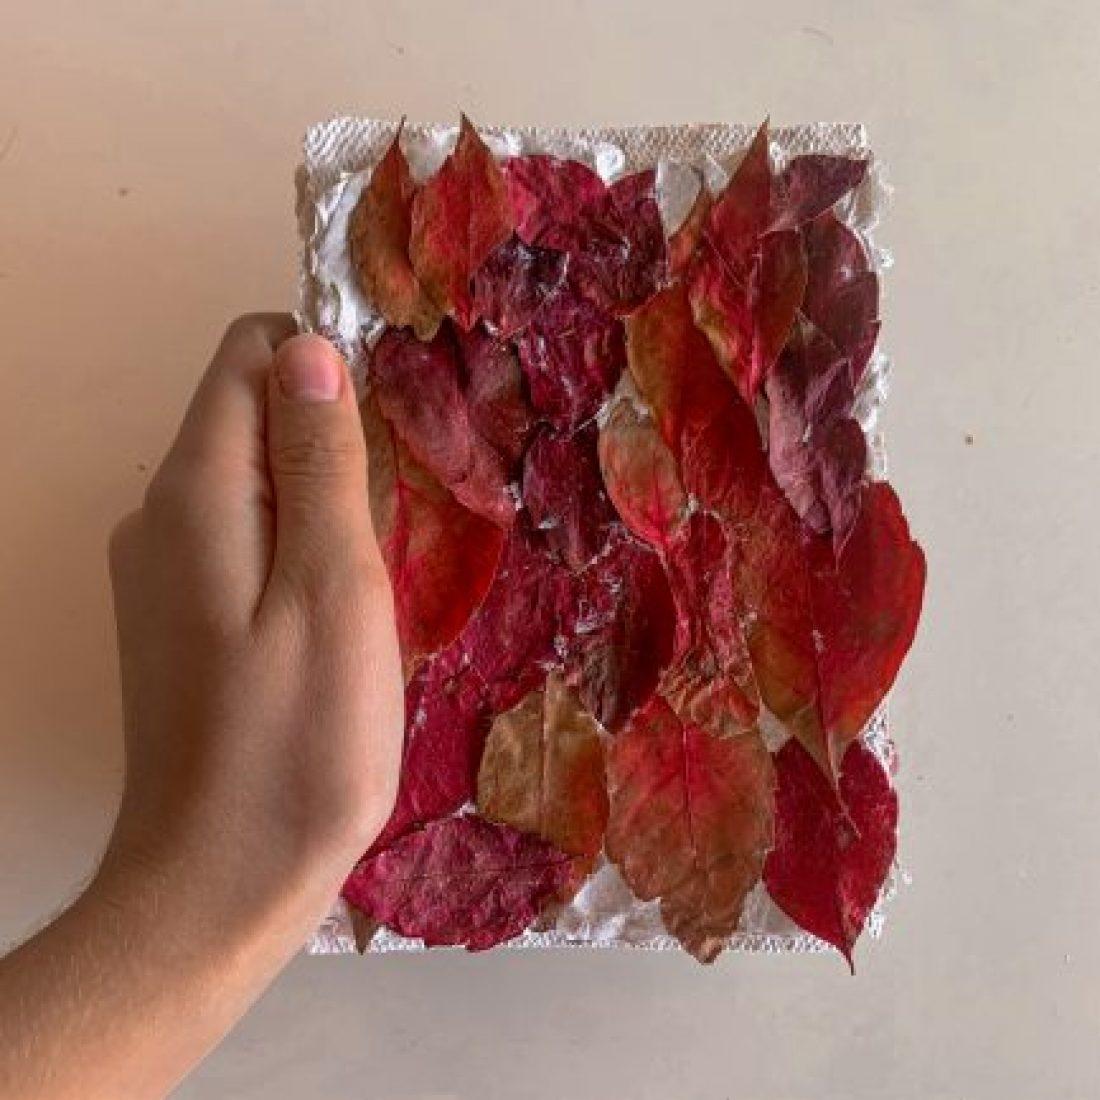 cuaderno-artesanal-de-papel-reciclado-con-hojas-de-otono-por-@viajareslou-viajar-eslou-una-manualidad-sencilla-y-un-regalo-perfecto